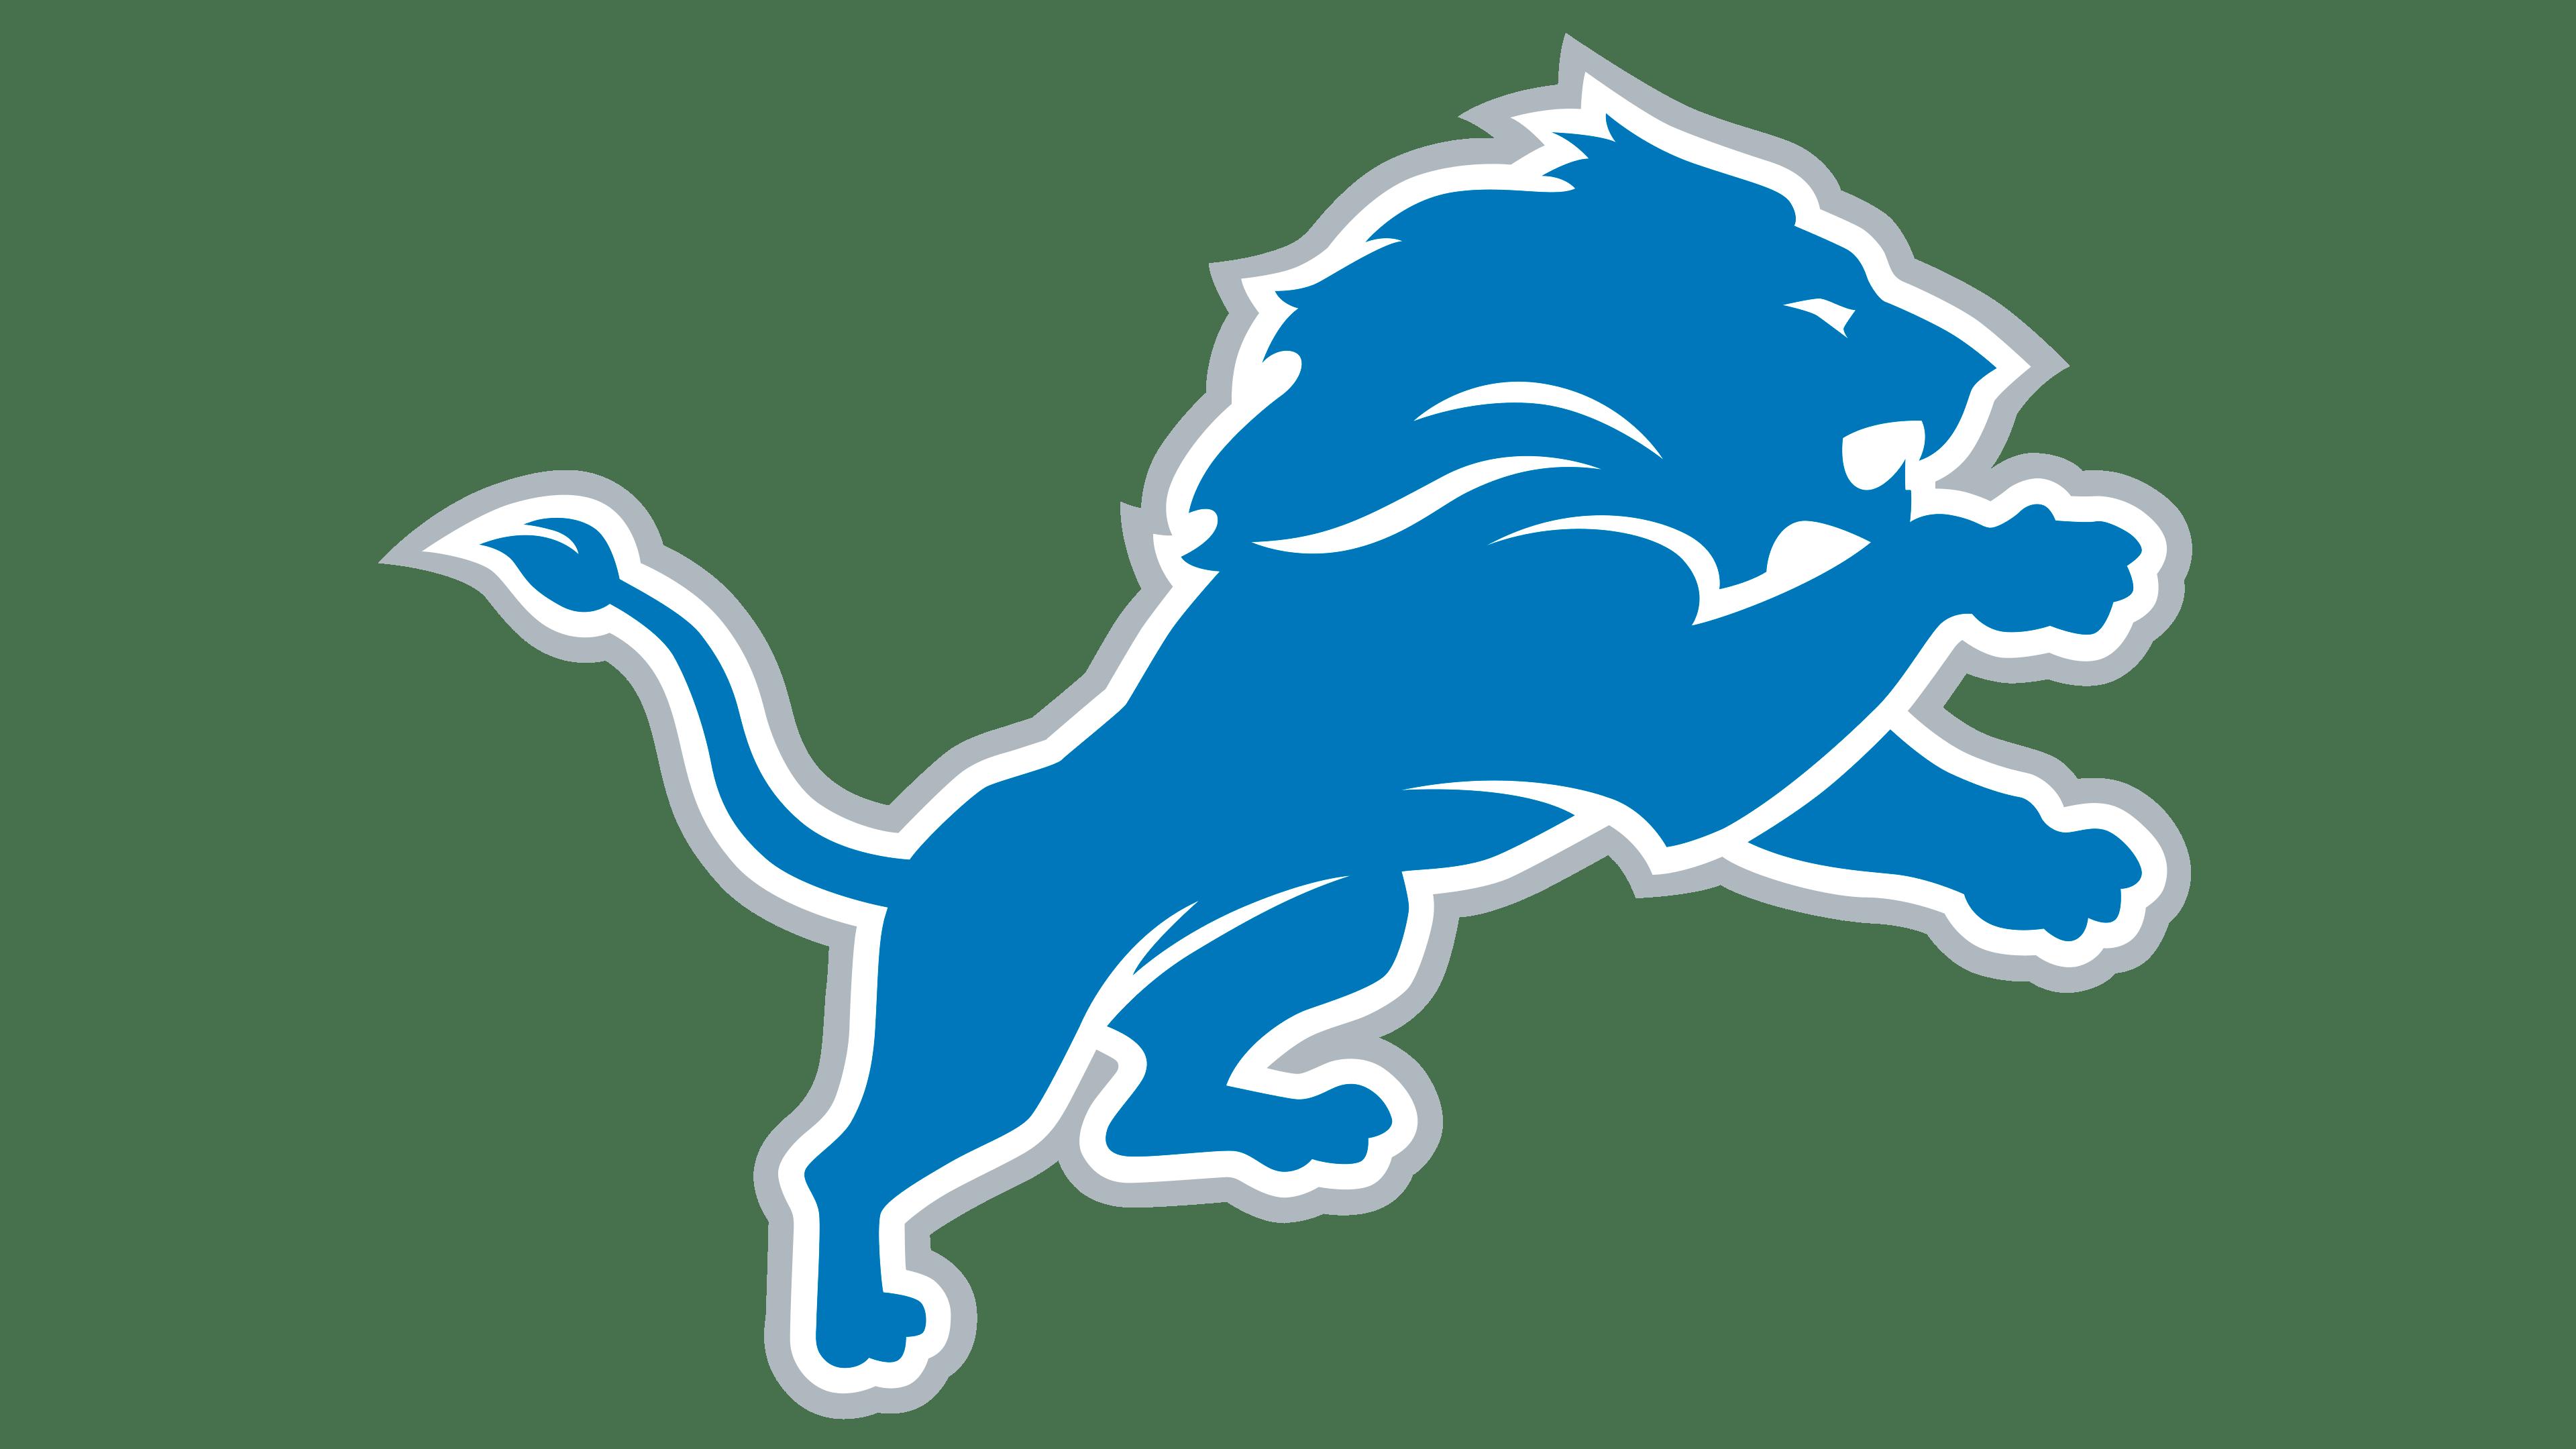 Detroit Lions Logo   Significado, História e PNG